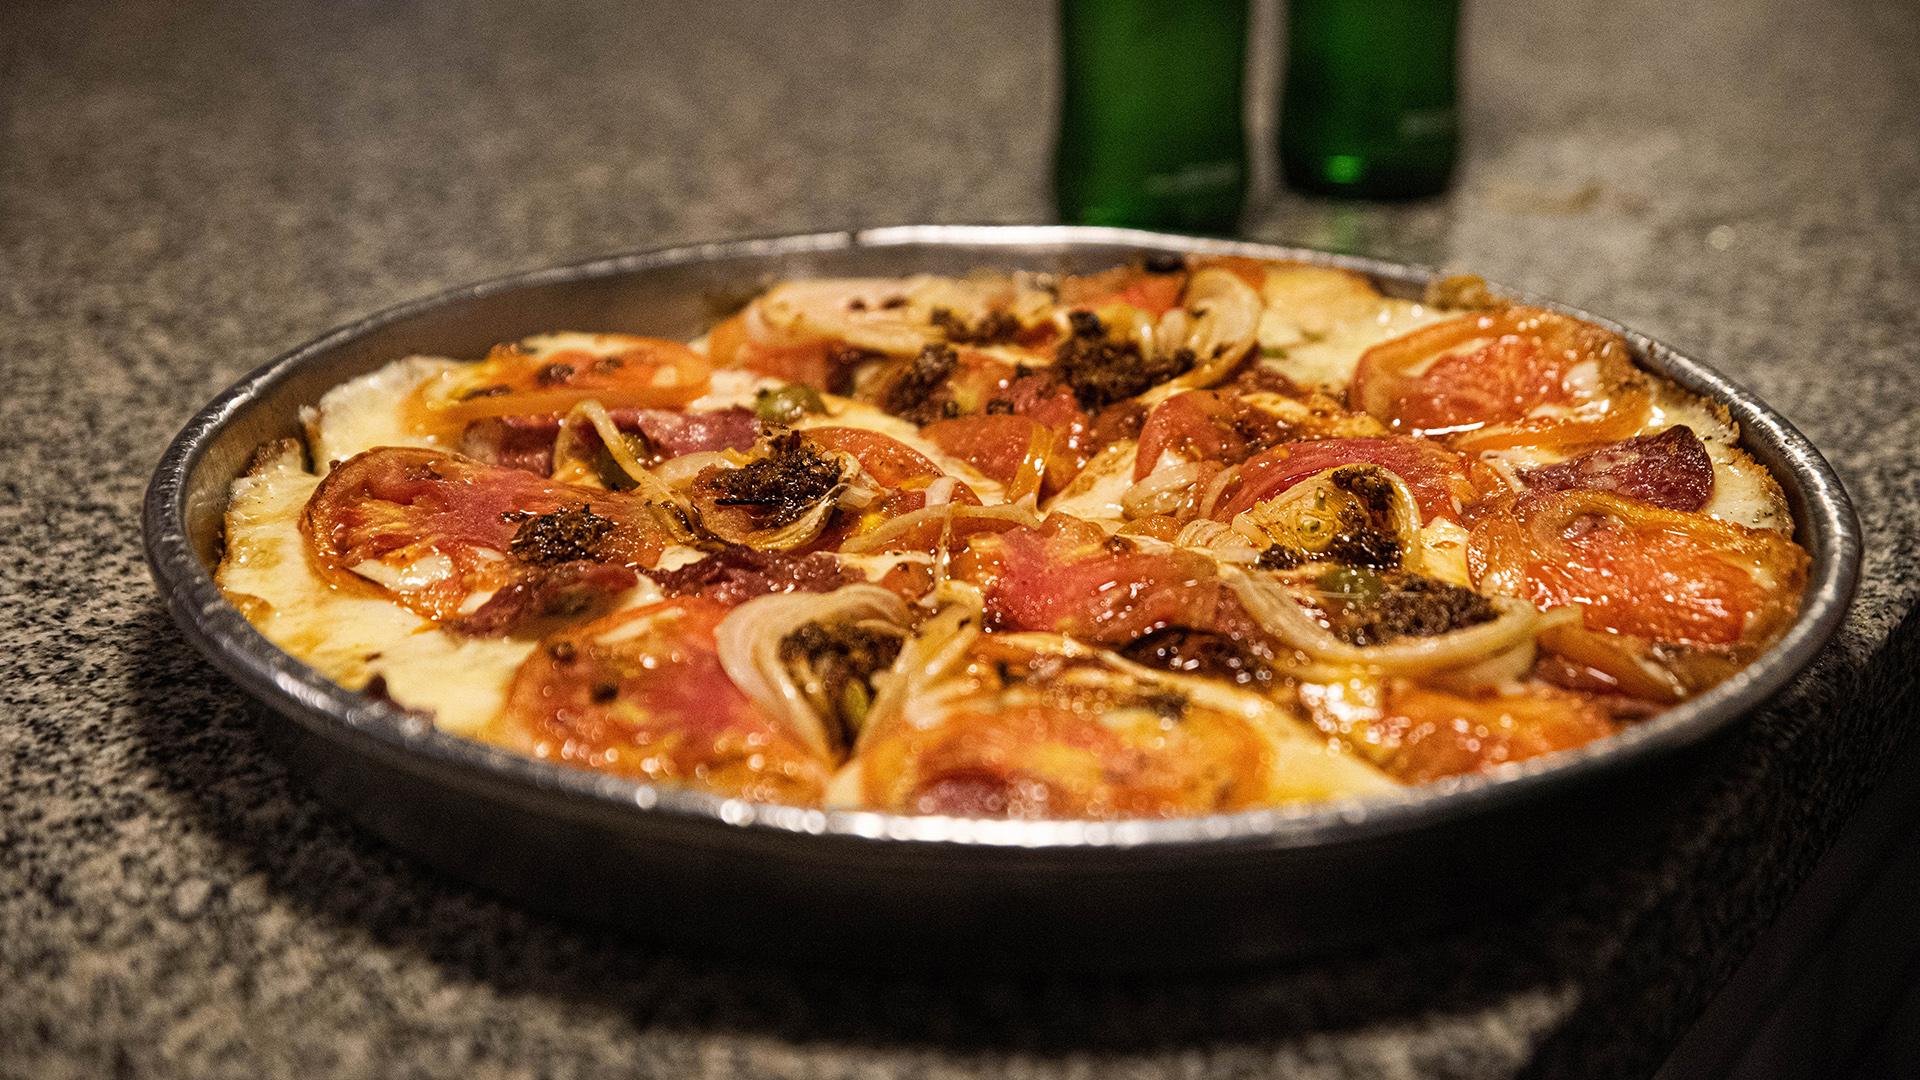 Pizza al molde, así sirven las pizzas en Banchero desde1932